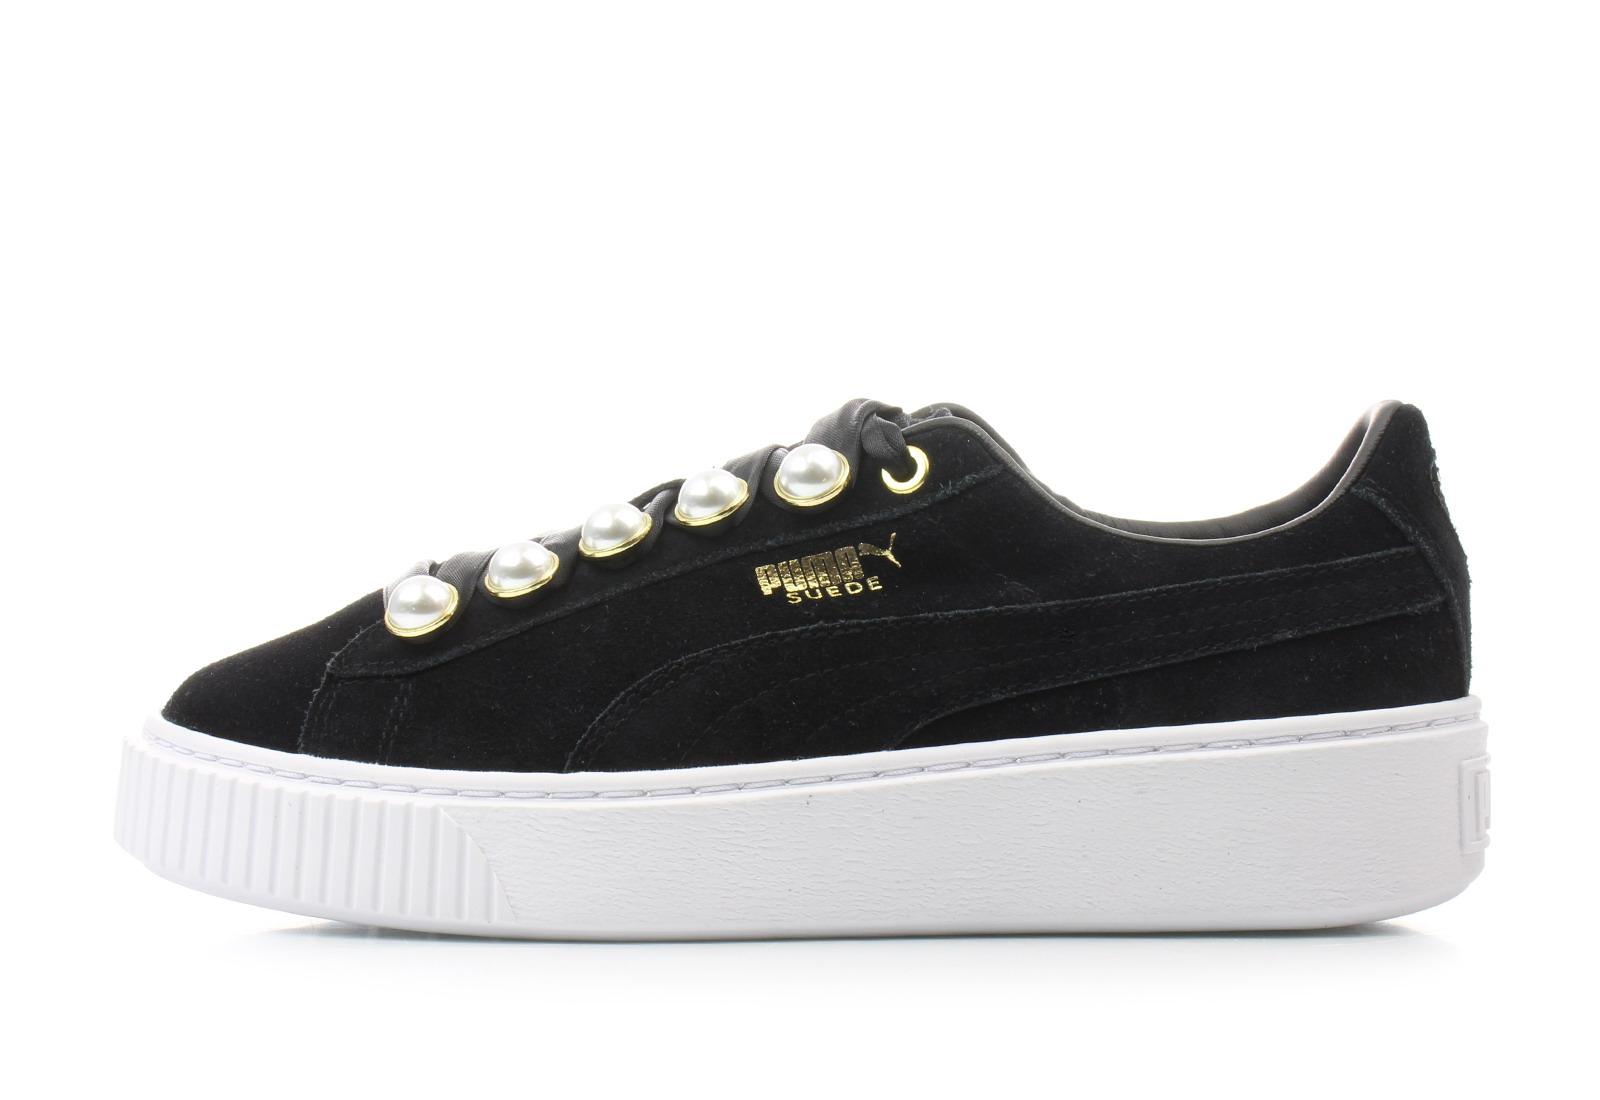 Puma Shoes - Suede Platform Bling Wns - 36668801-blk - Online shop ... d94e01a9b9a